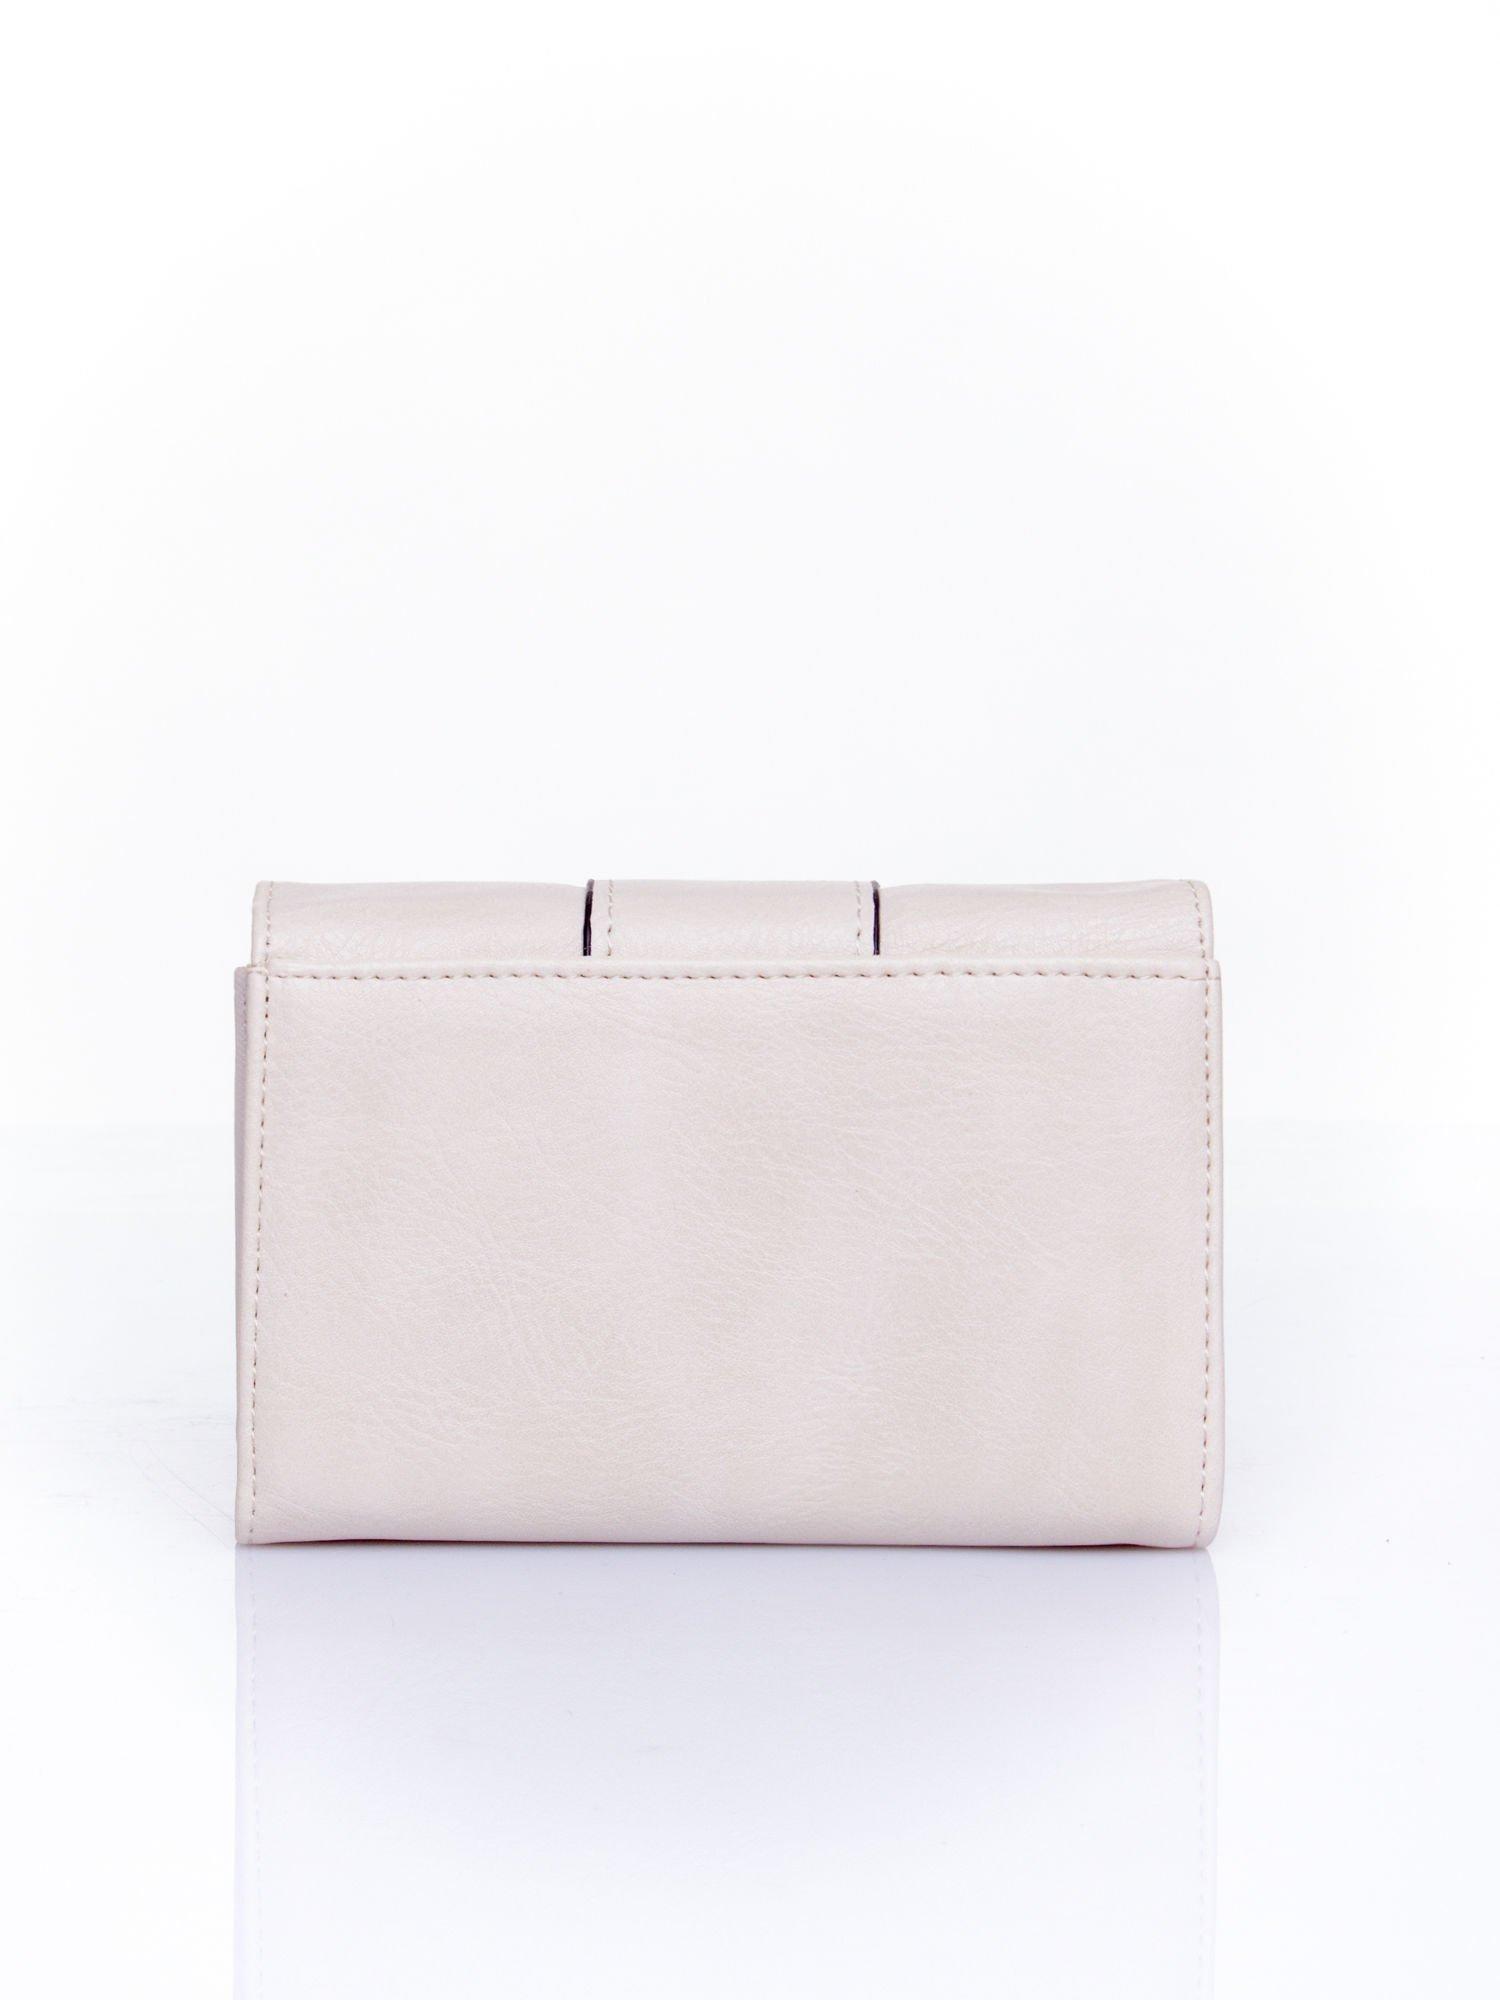 Kremowy portfel z ozdobnym zapięciem                                  zdj.                                  2